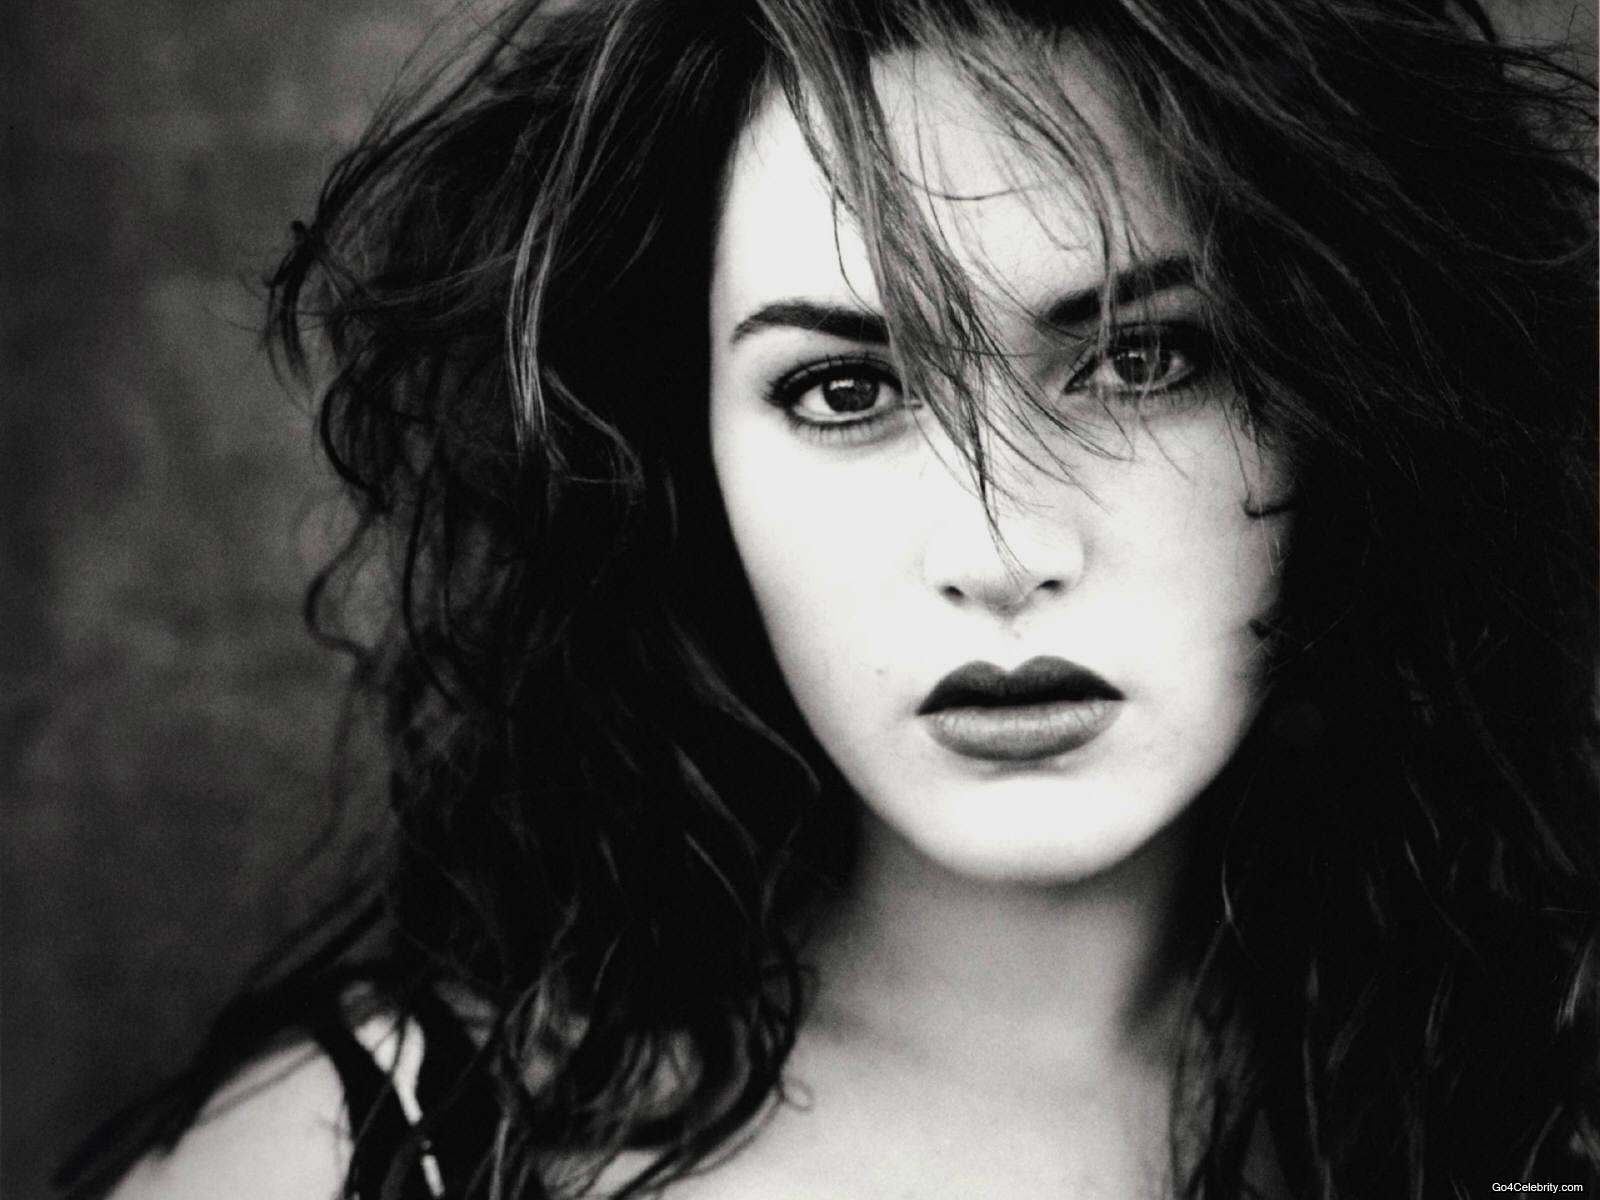 Kate Winslet - Kate Winslet Wallpaper (44229) - Fanpop